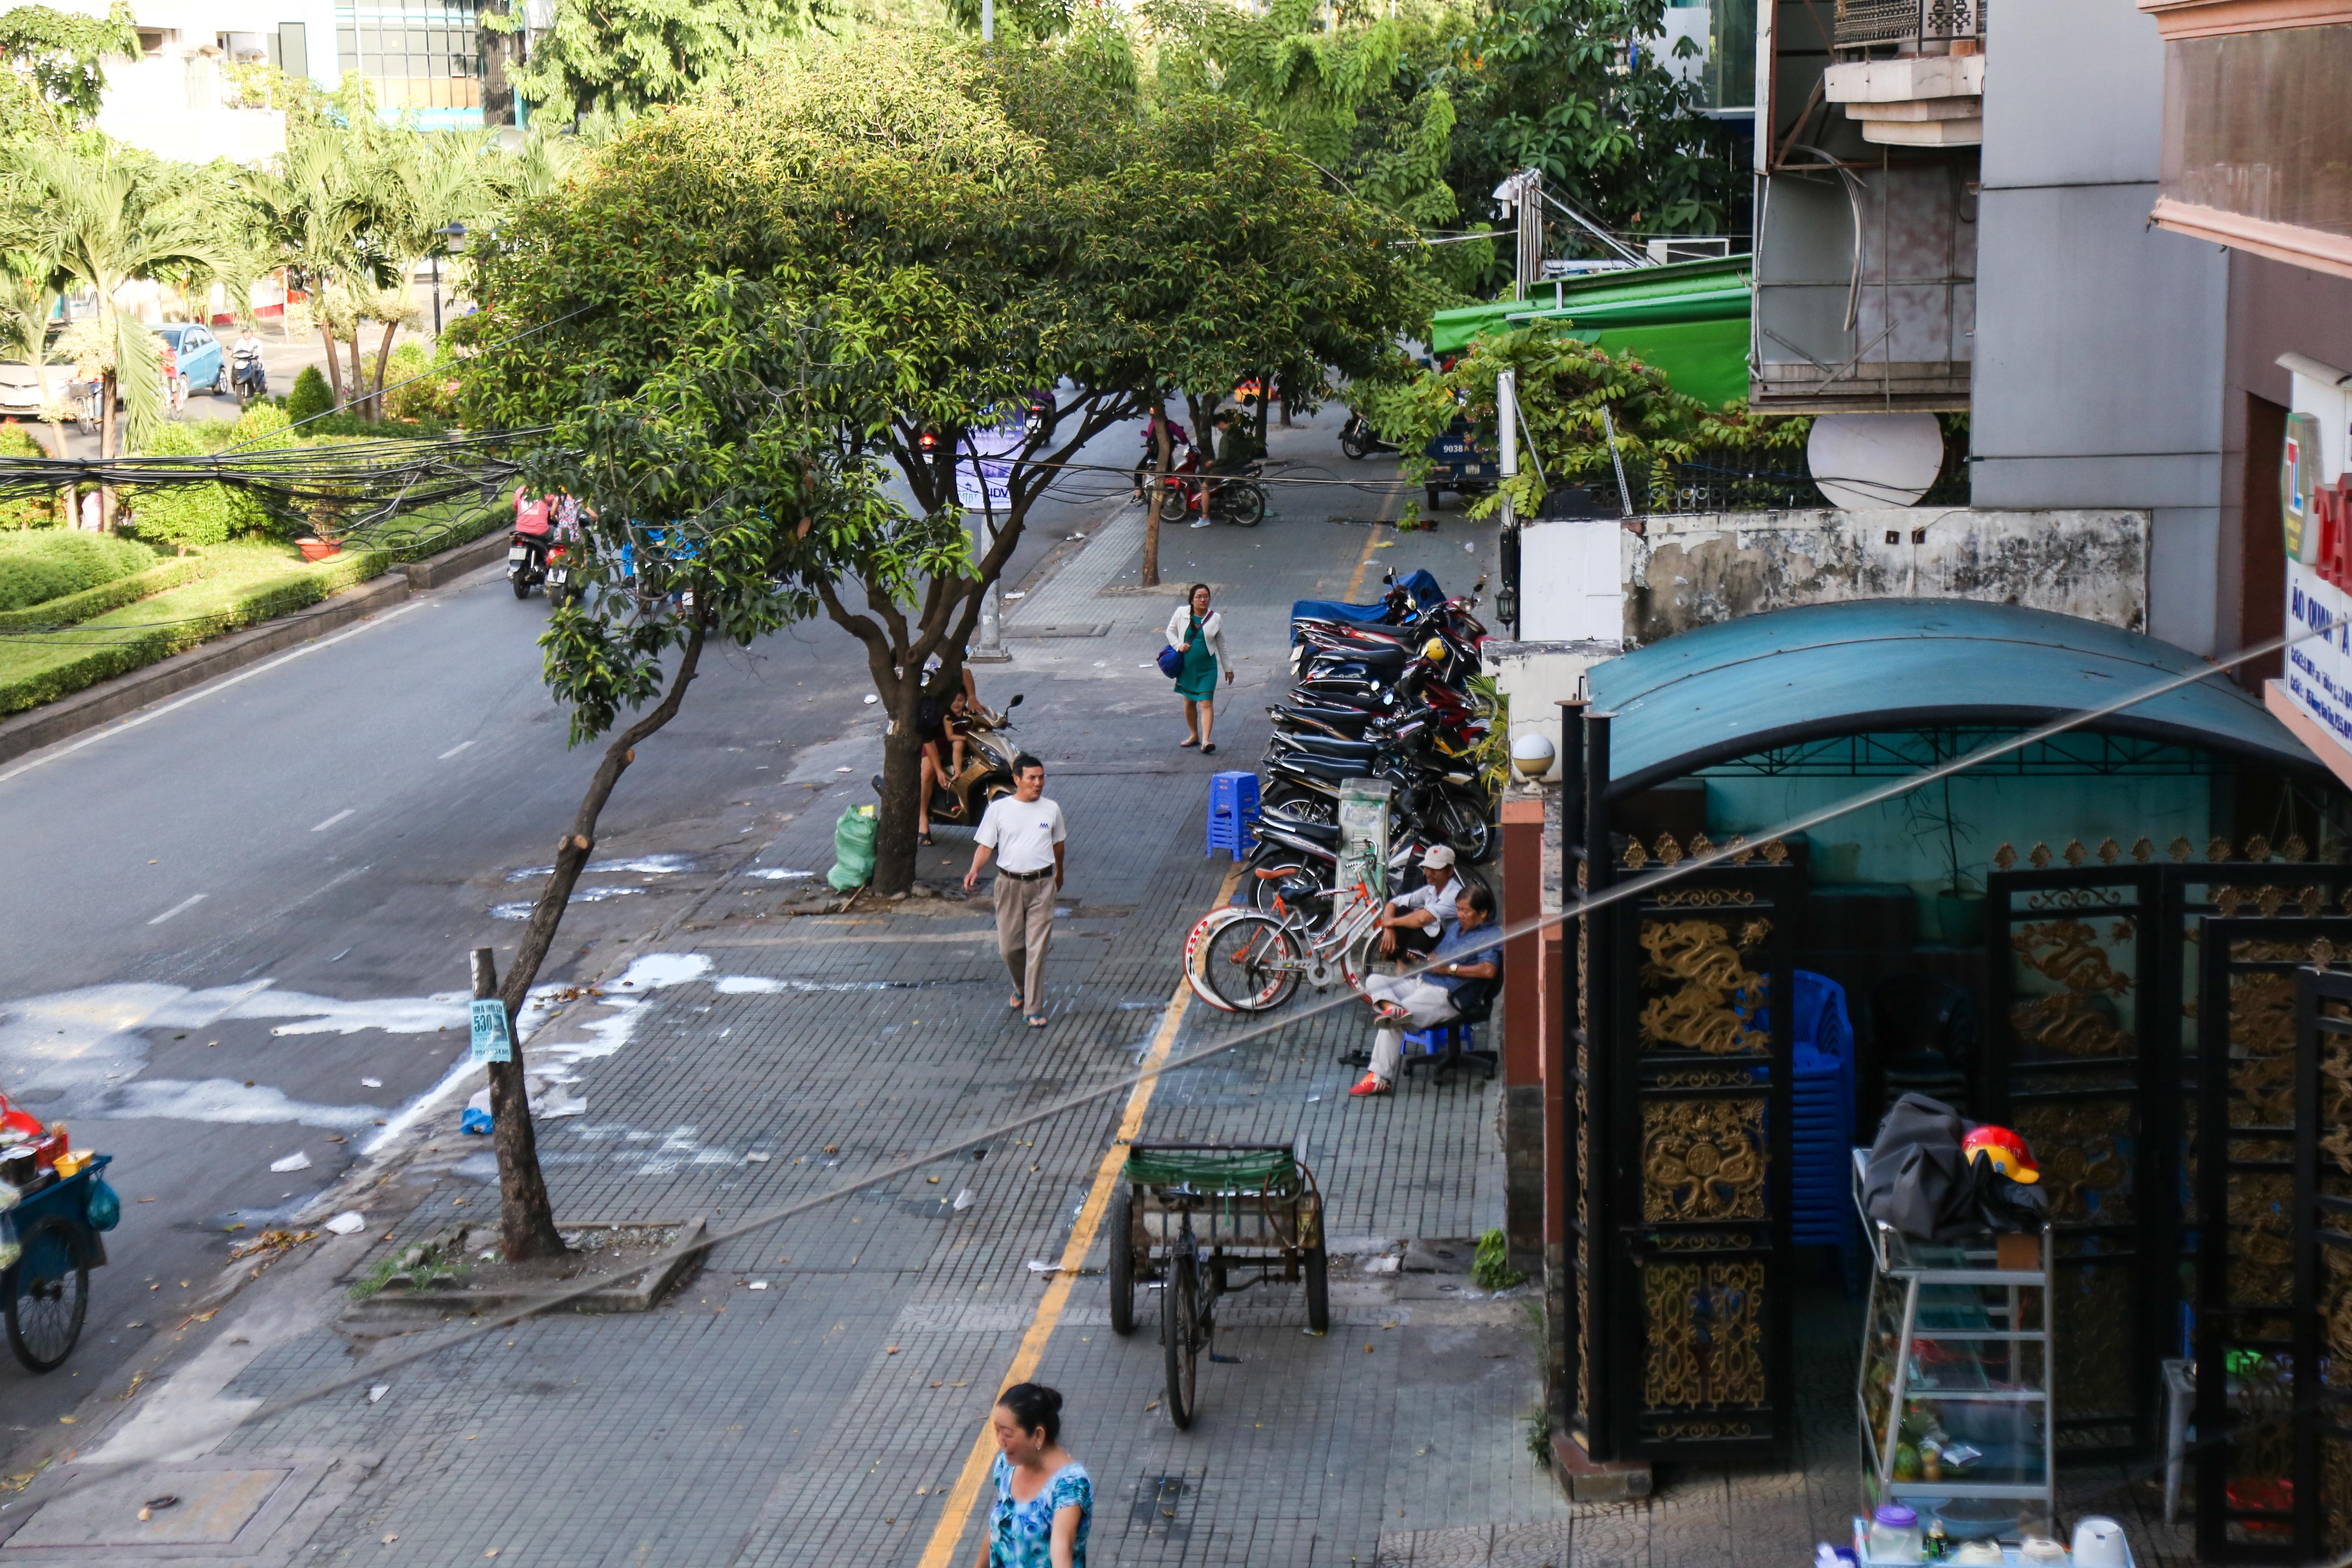 Vỉa hè Sài Gòn sau khi được phân chia bằng vạch kẻ: Người đi bộ thoải mái, dân buôn bán hài lòng - Ảnh 1.